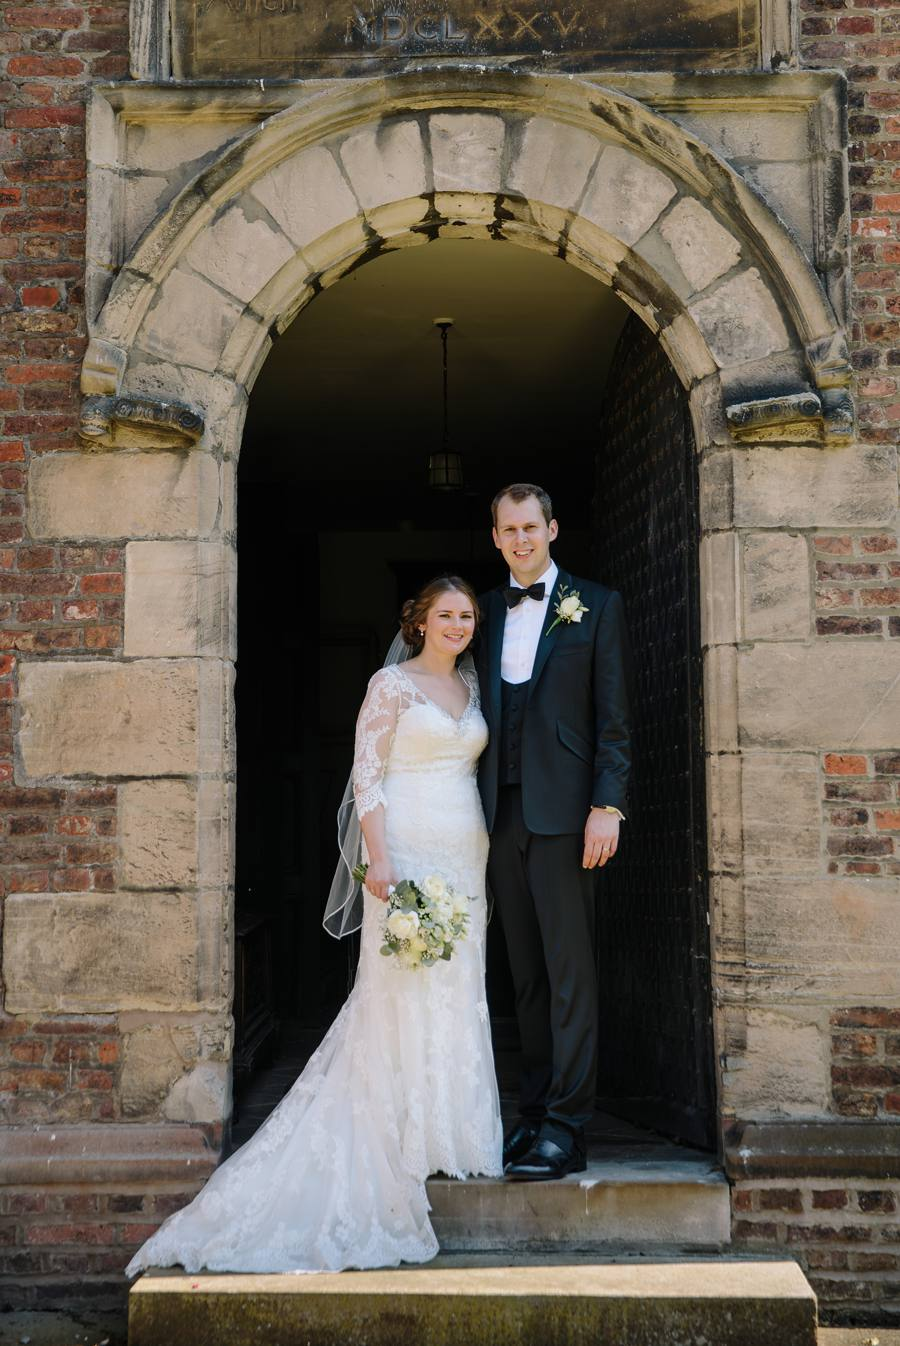 Bride & Groom outside the Chapel